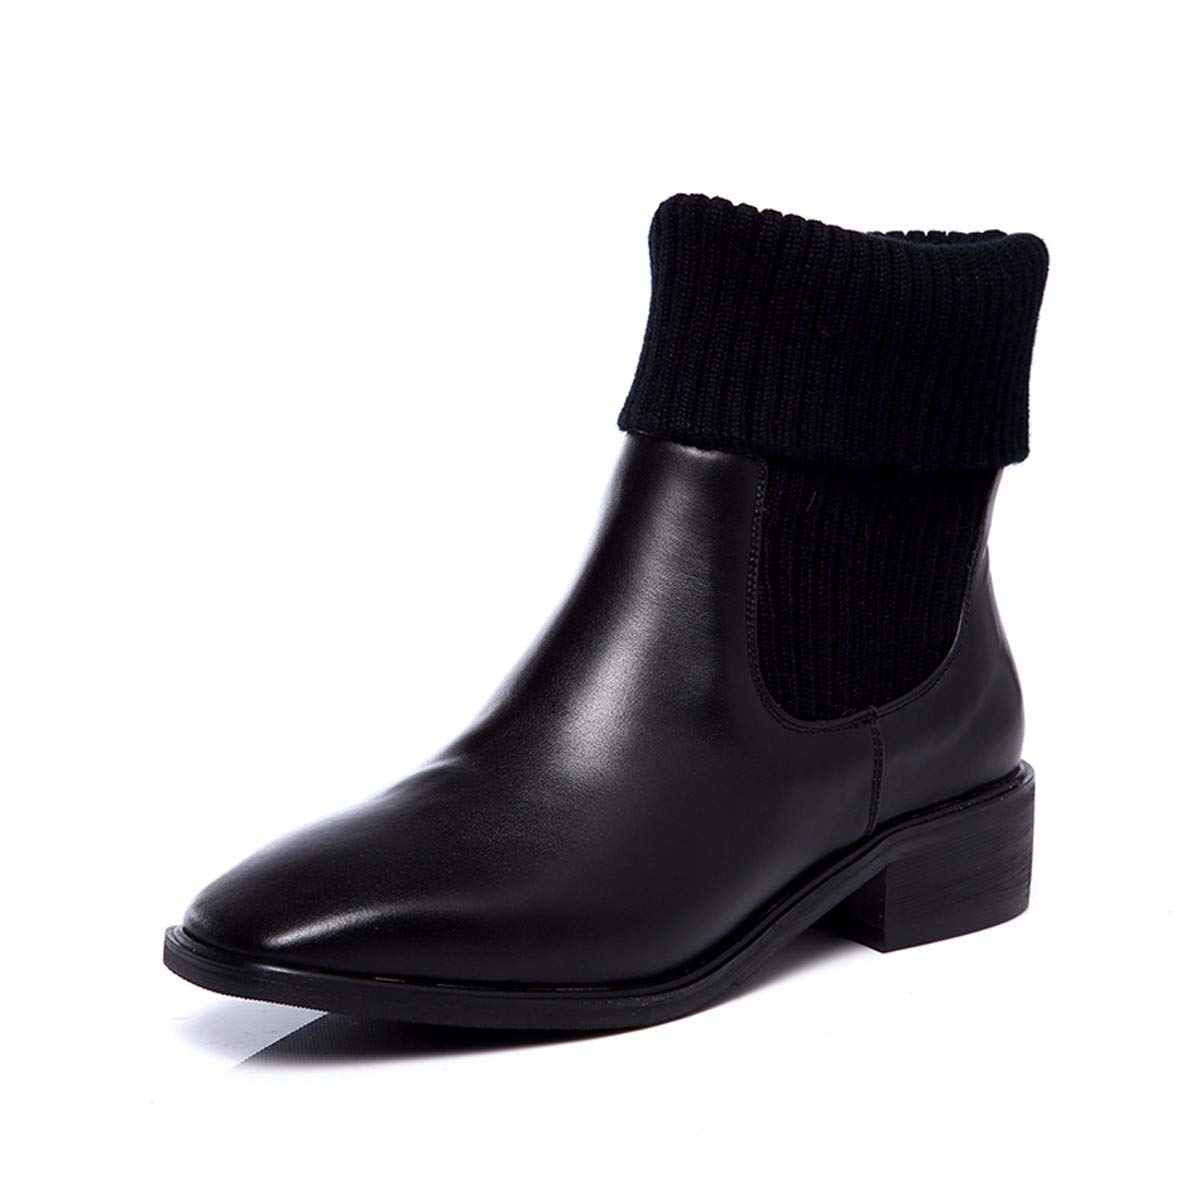 noir noir KOKQSX-MesLes dames Court Bottes tête carrée Cuir Tricot Dur au Pied Mode Martin Bottes Bottes de Nus.  peu coûteux